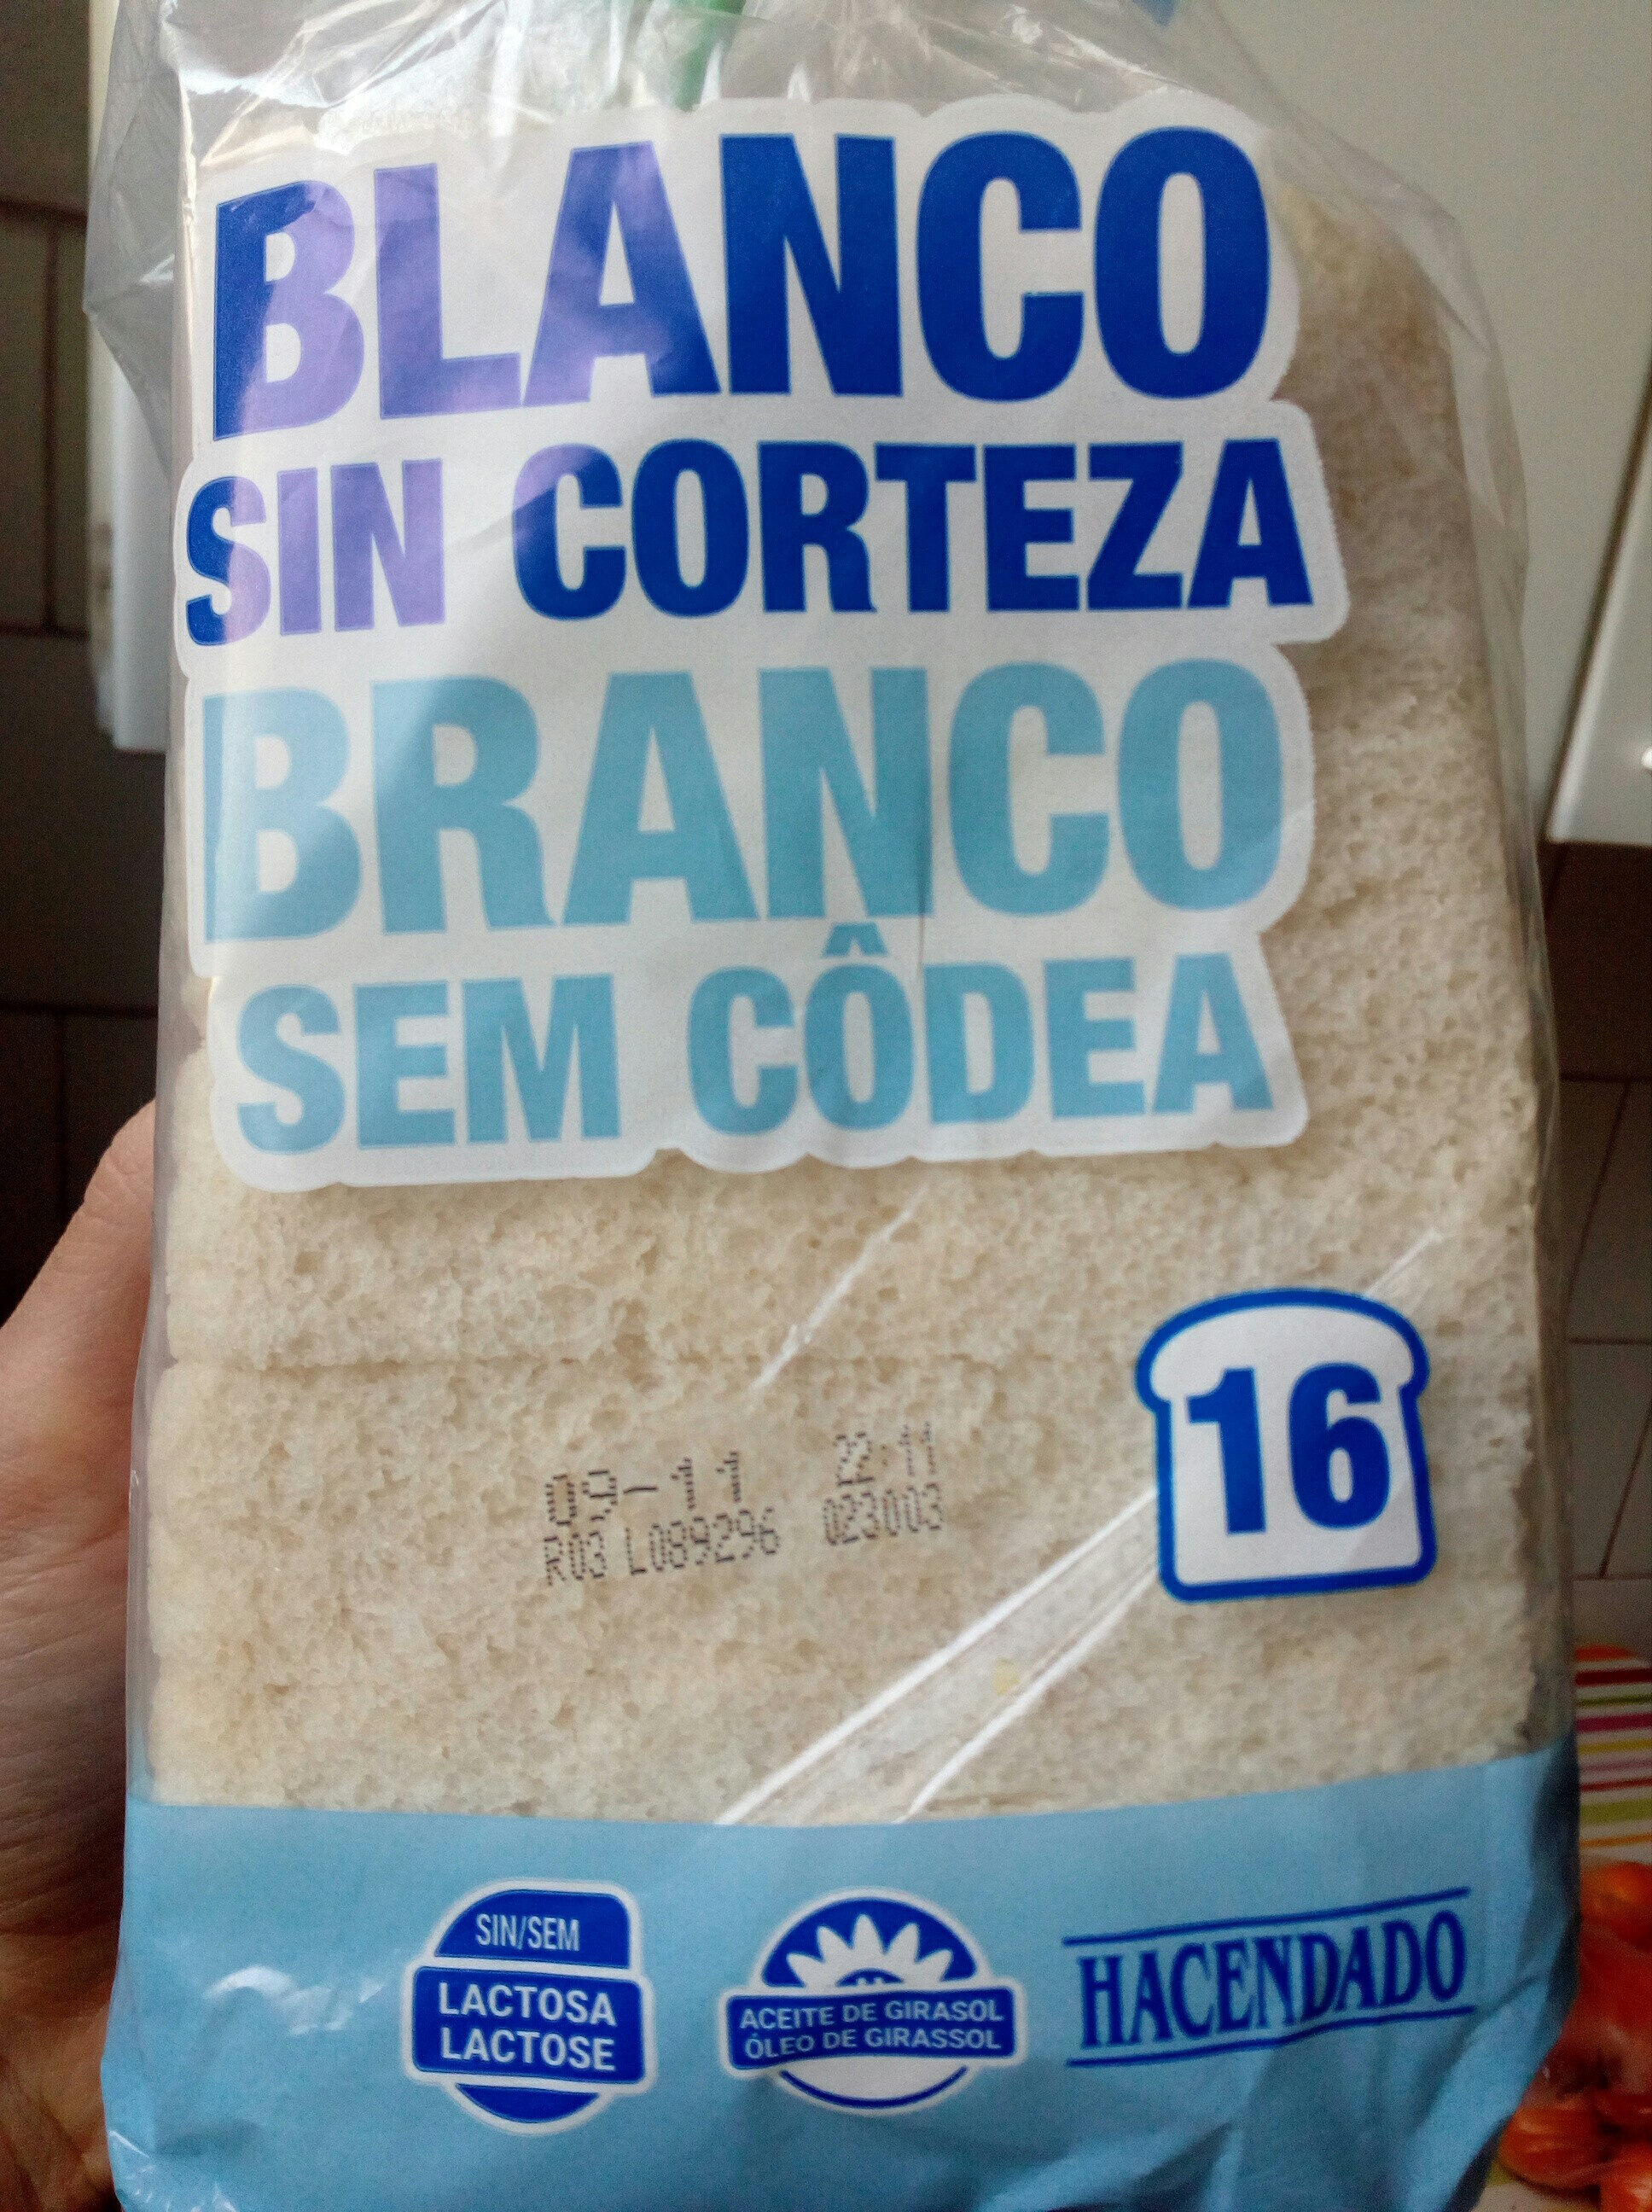 Pan de molde blanco sin corteza - Producte - es